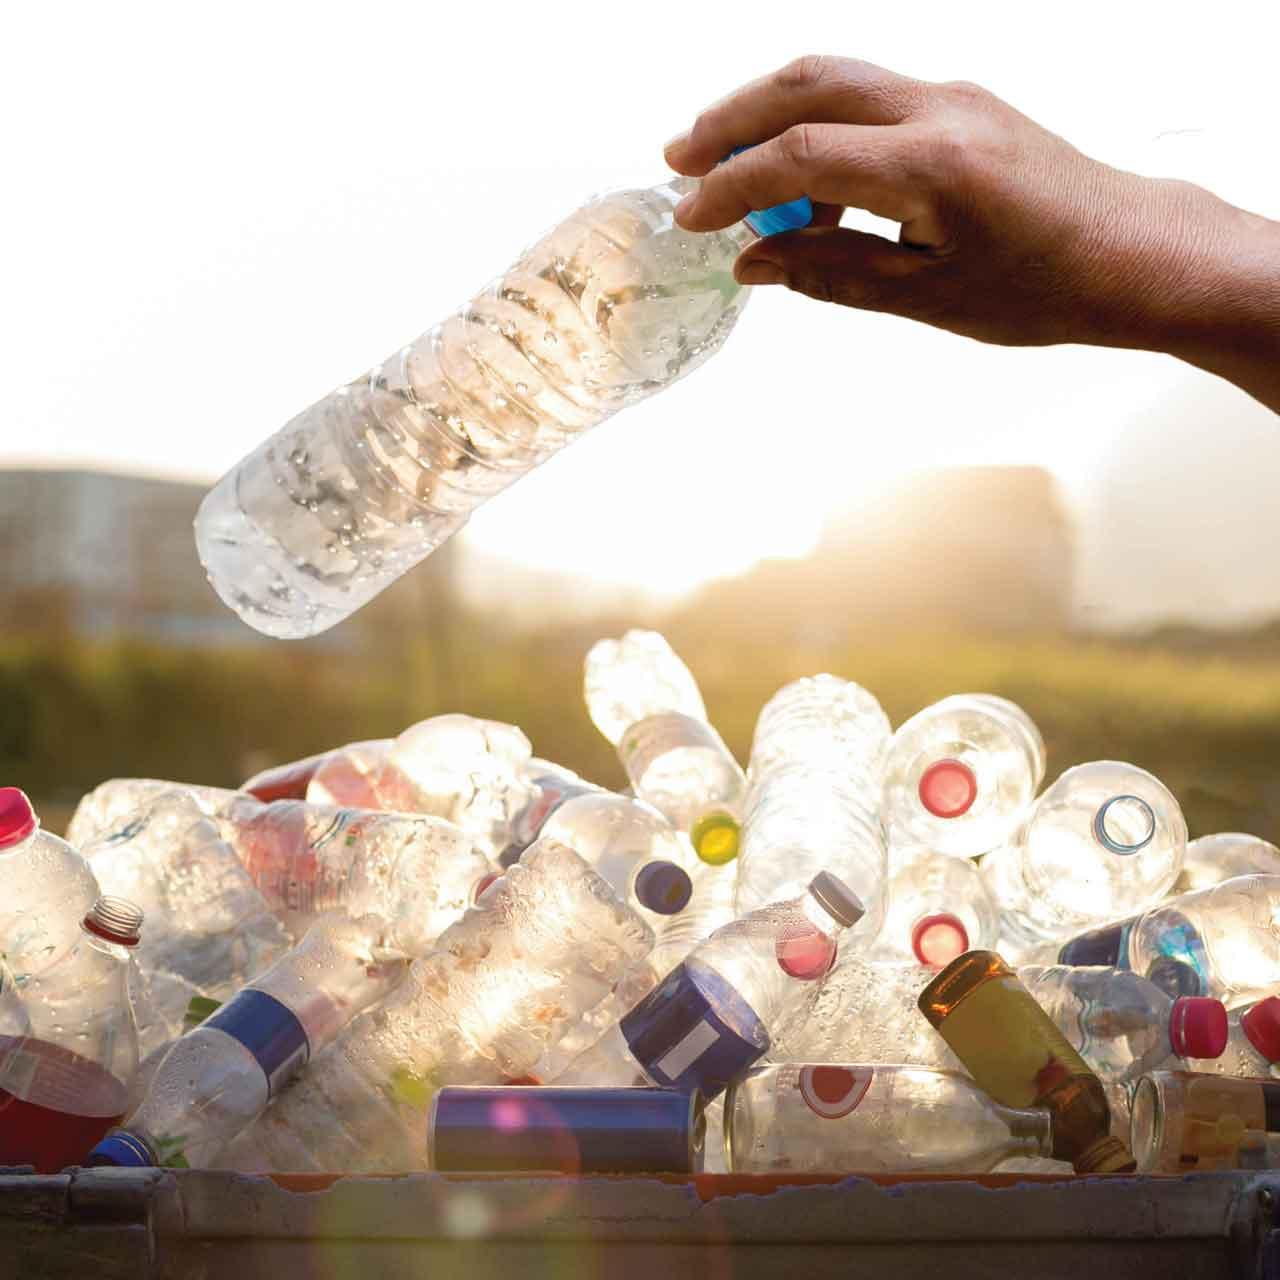 Espace Créatic - Récupération des bouteilles plastiques pour la fabrication des produits en matériau recyclé 100% recyclables